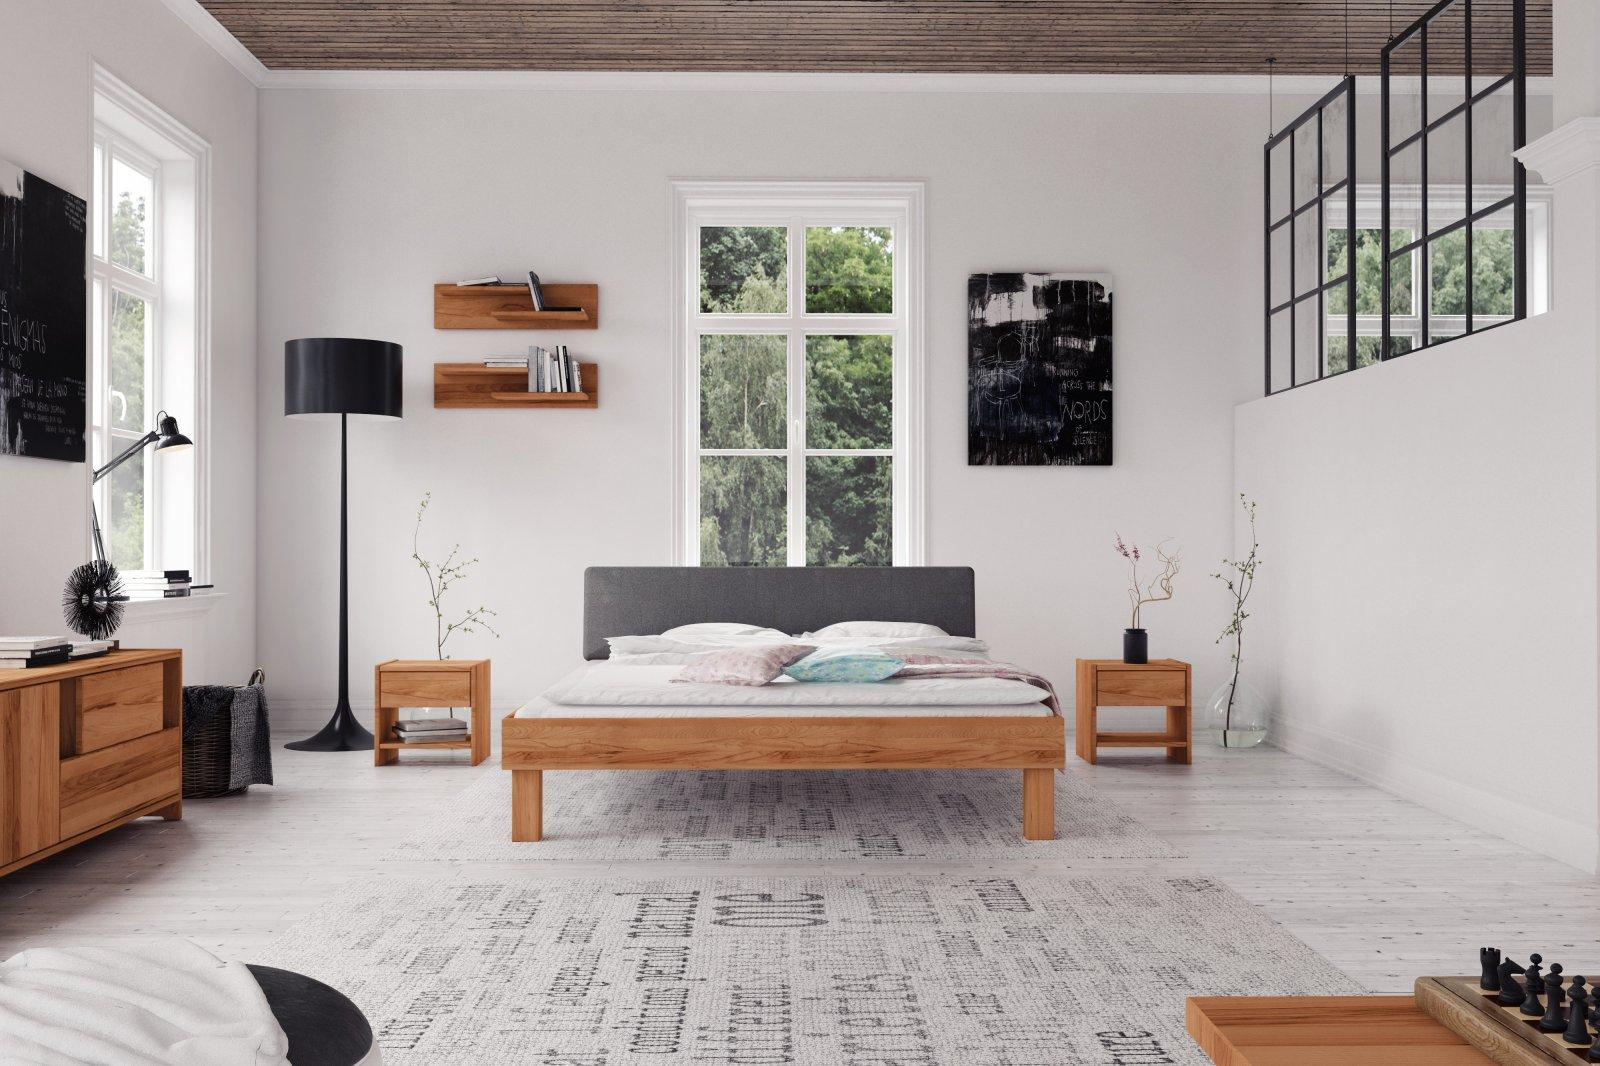 Łóżko VIGO 3 z tapicerowanym szczytem